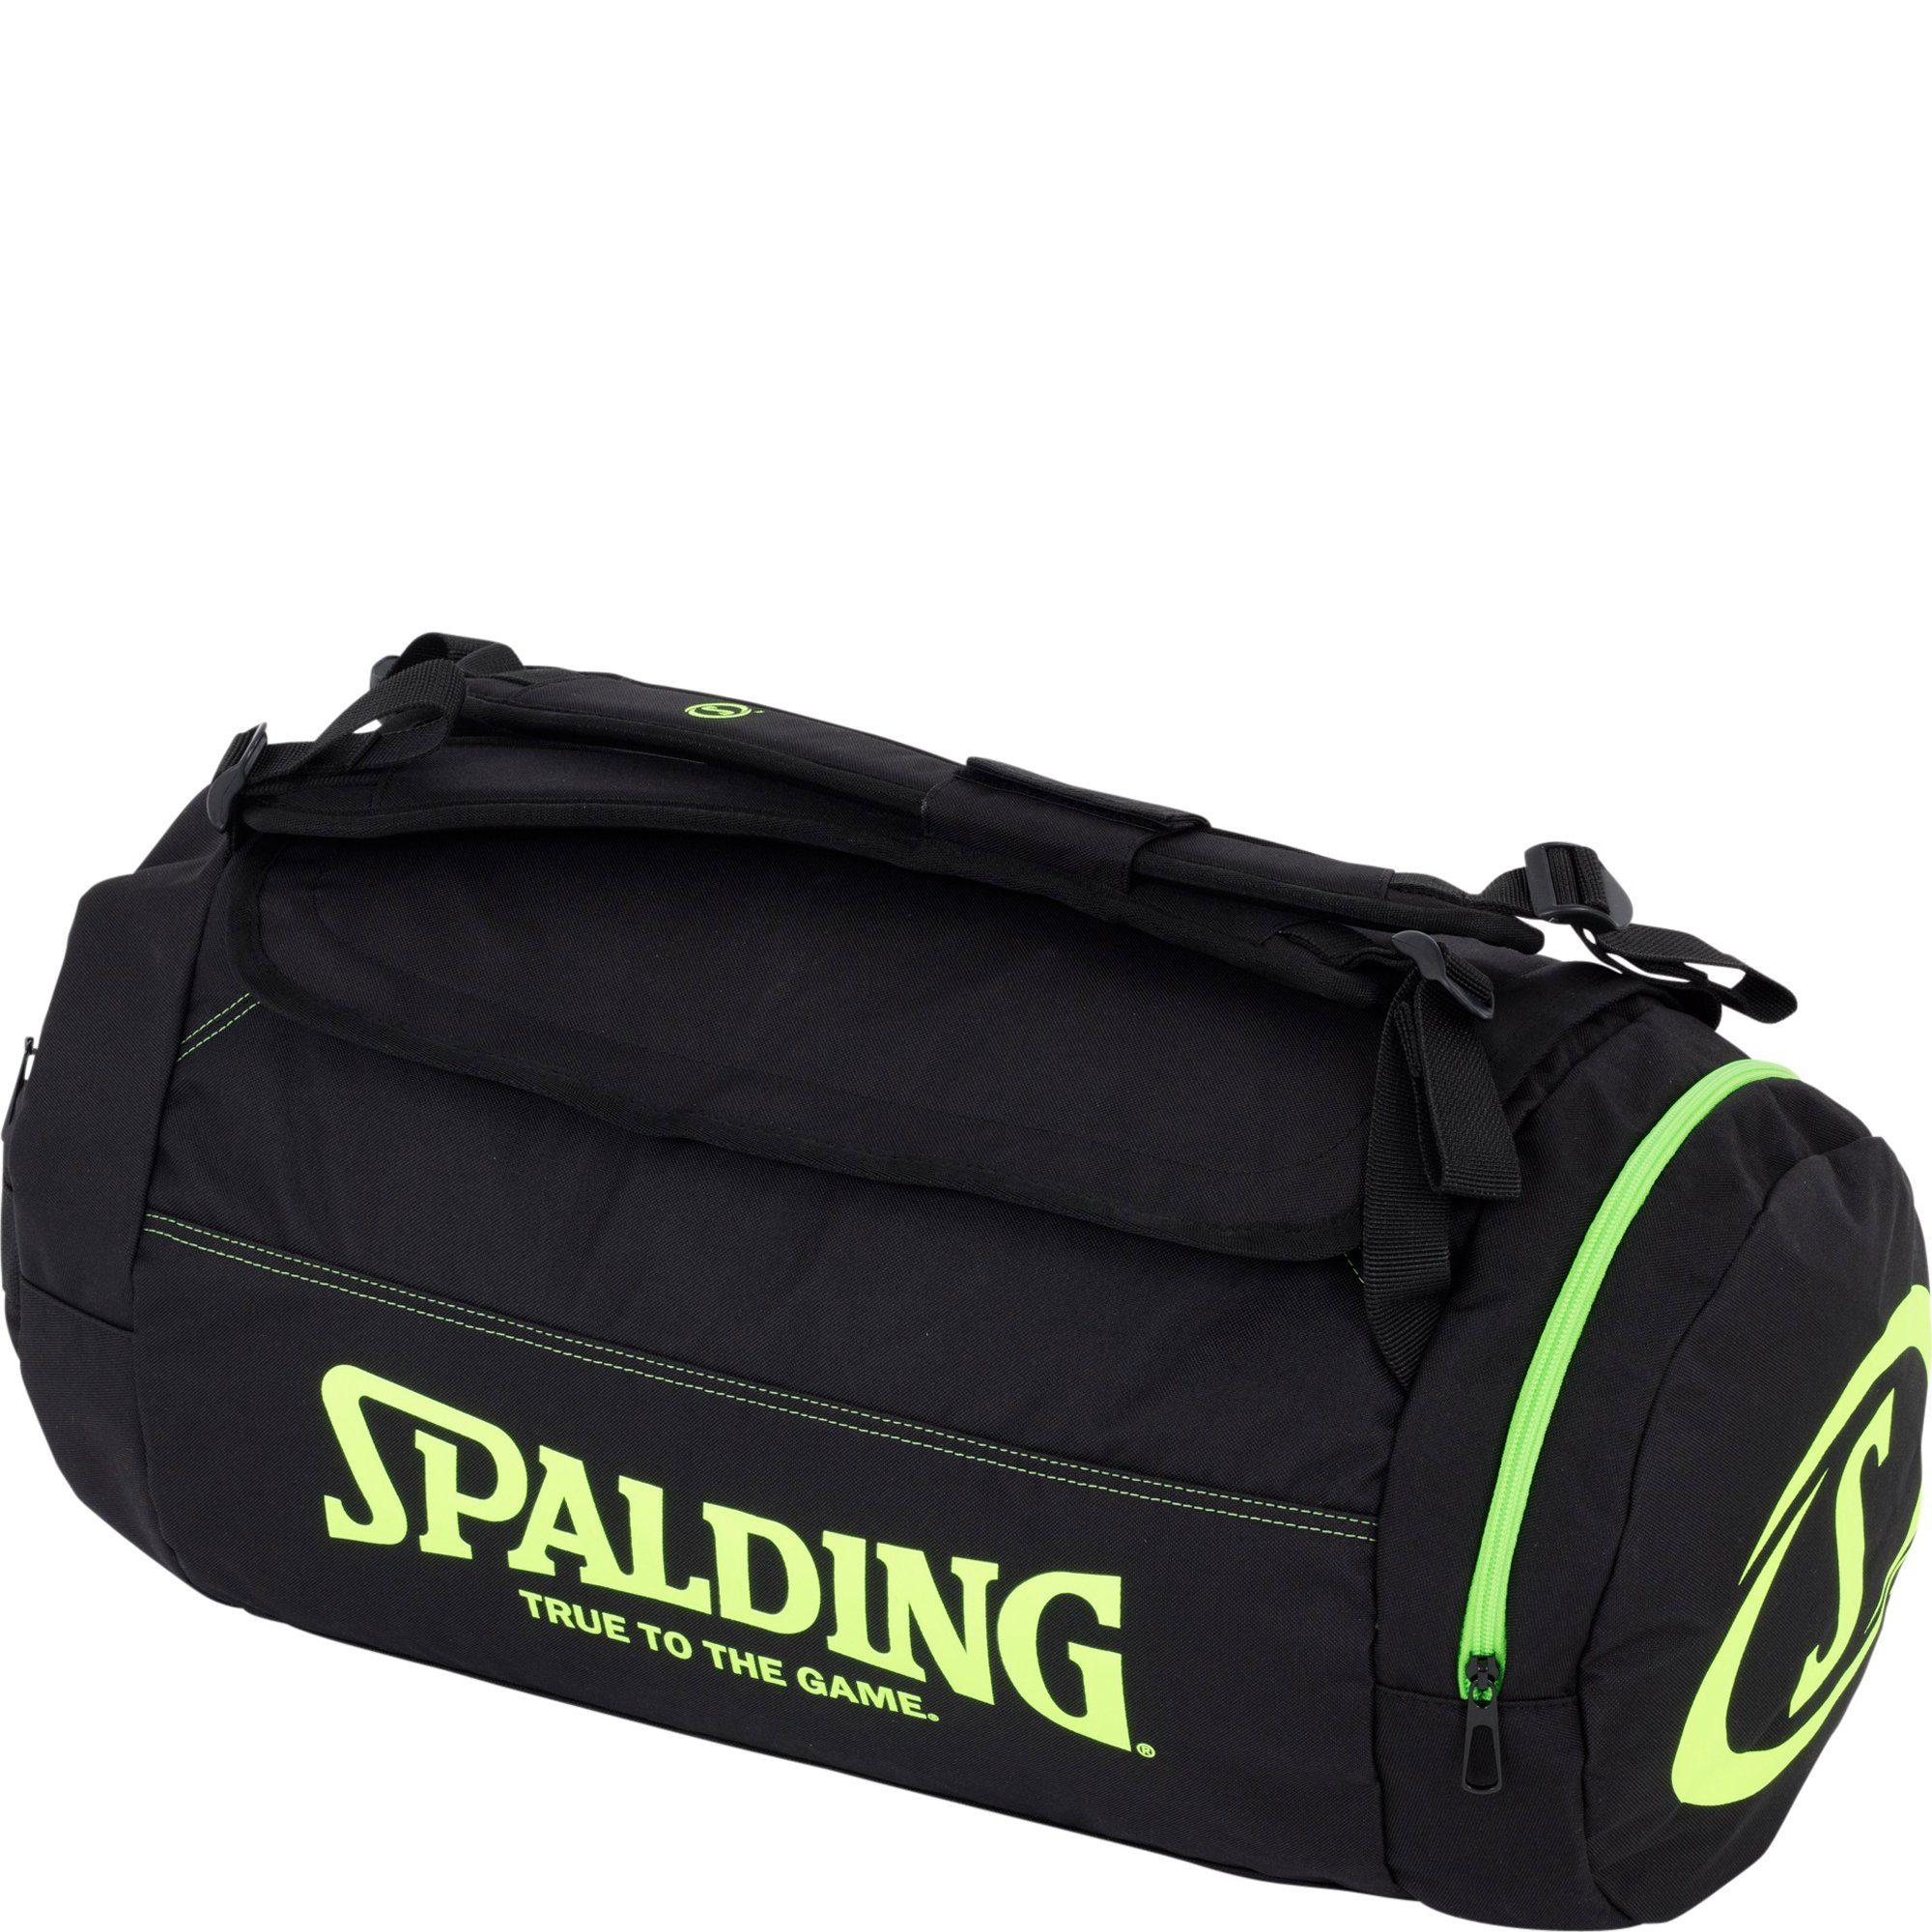 Spalding Duffle Tasche Herren